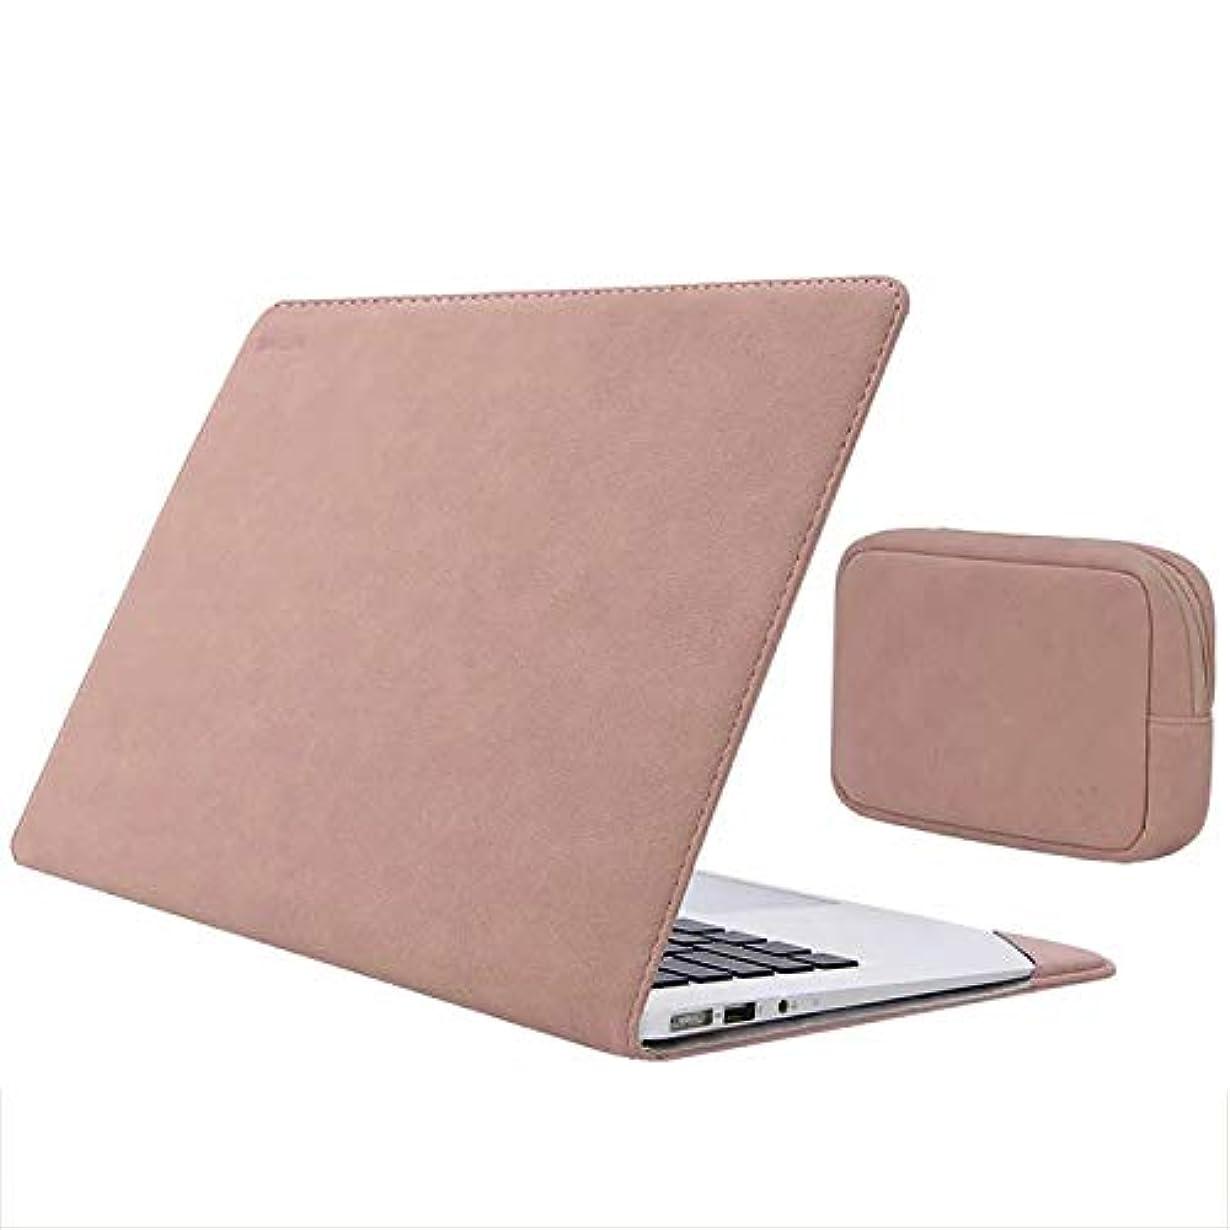 ボード具体的にエゴイズムSurface Laptop2 ケース/カバー 手帳型 レザー 電源収納ポーチ付き おしゃれ サーフェス ラップトップ2用 手帳型タイプ レザーケース/カバー おしゃれ タブレットケース/カバー(ローズピンク)